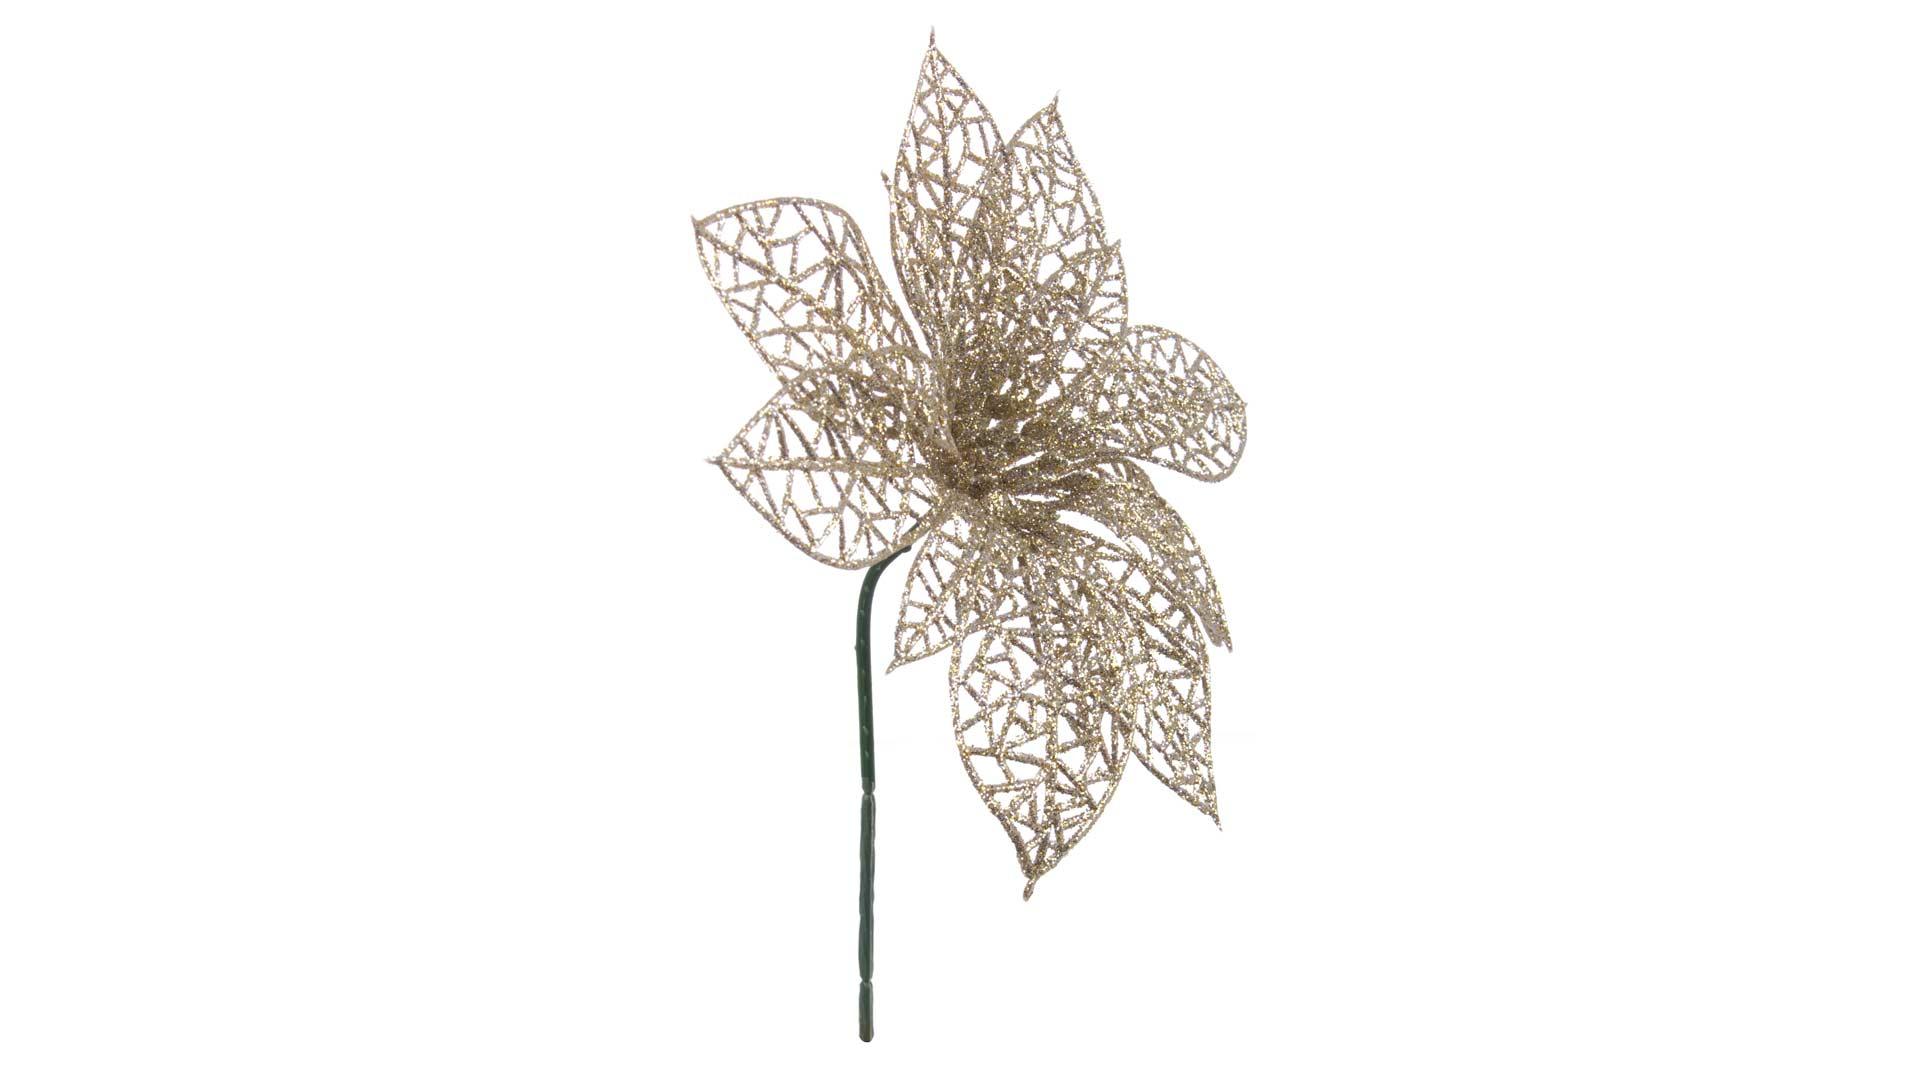 immagine in evidenza della pagina Pick Poinsettia traforata champagne